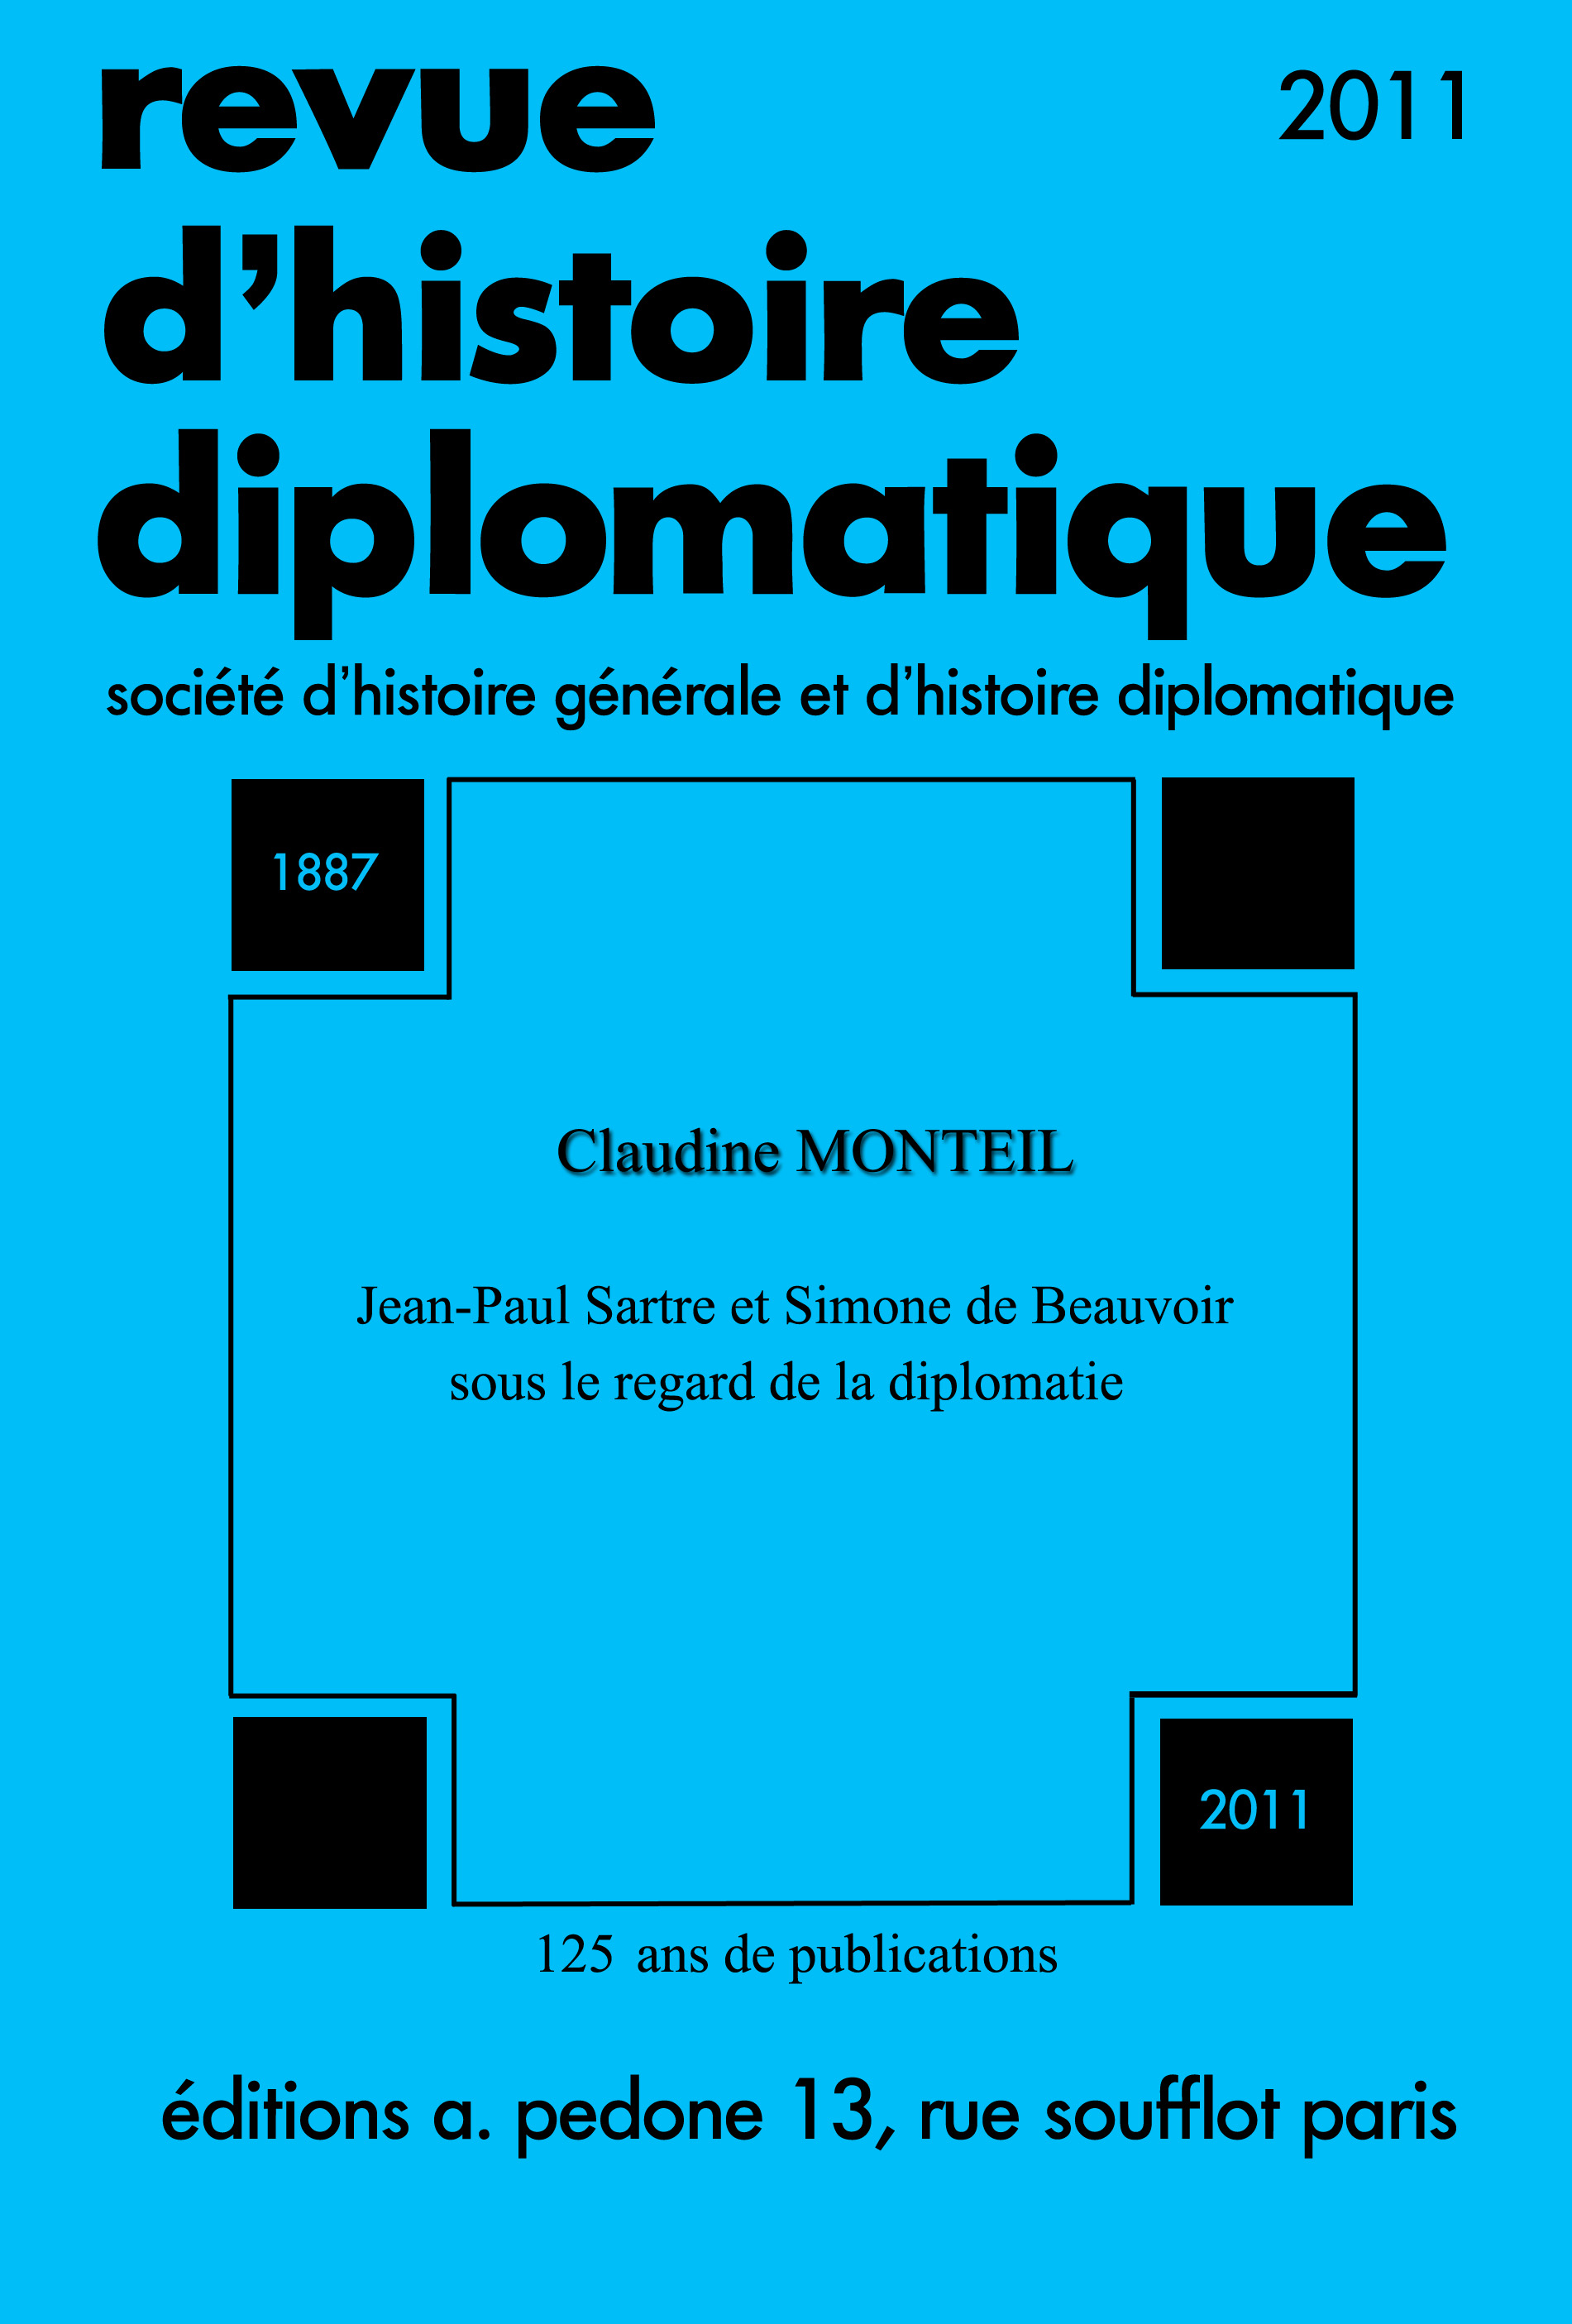 Revue_d'Histoire_Diplomatique.jpg